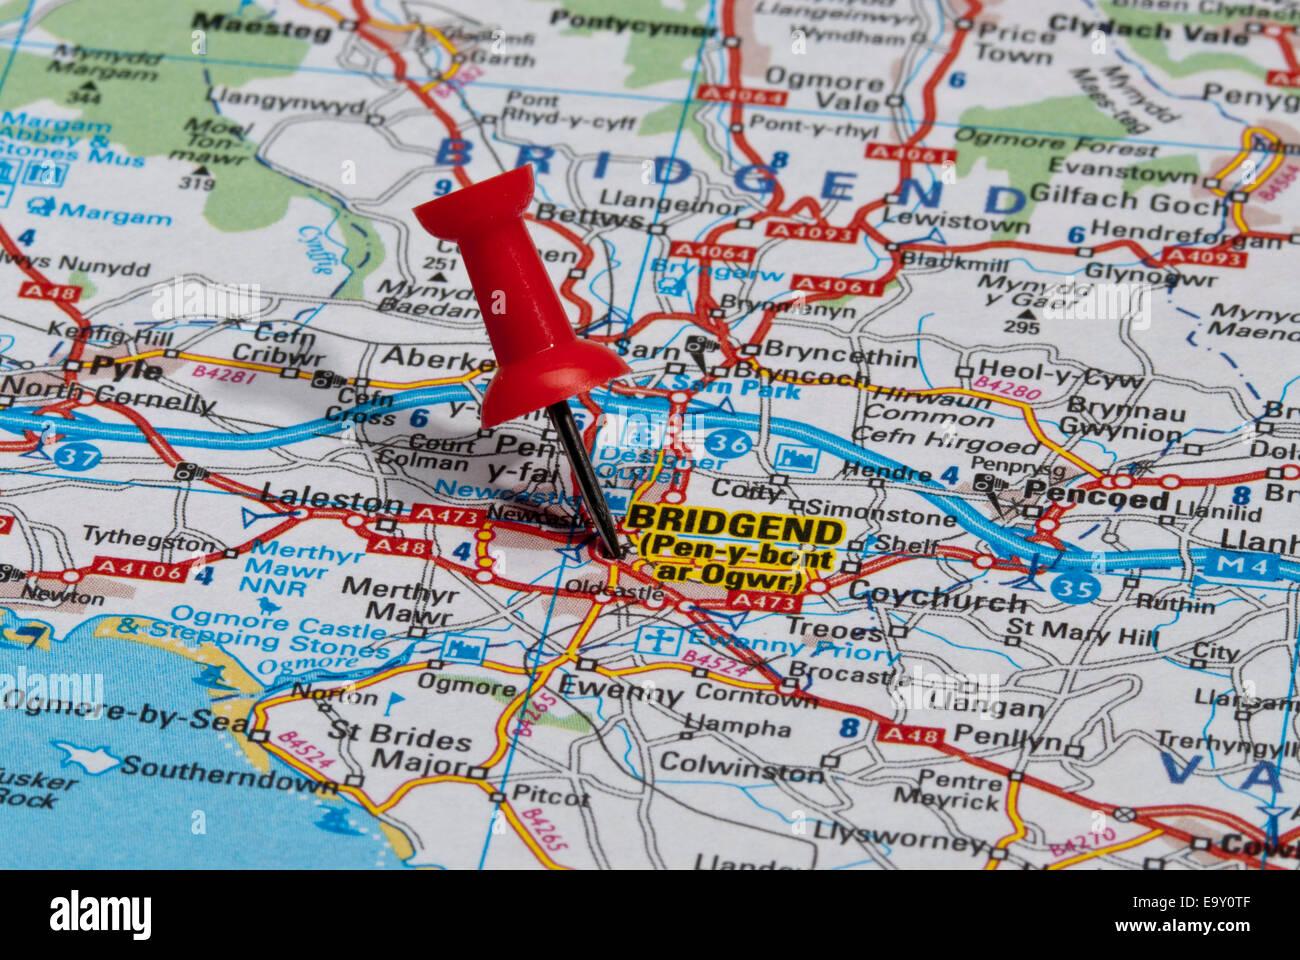 United Kingdom Uk Bridgend Stock Photos United Kingdom Uk Bridgend